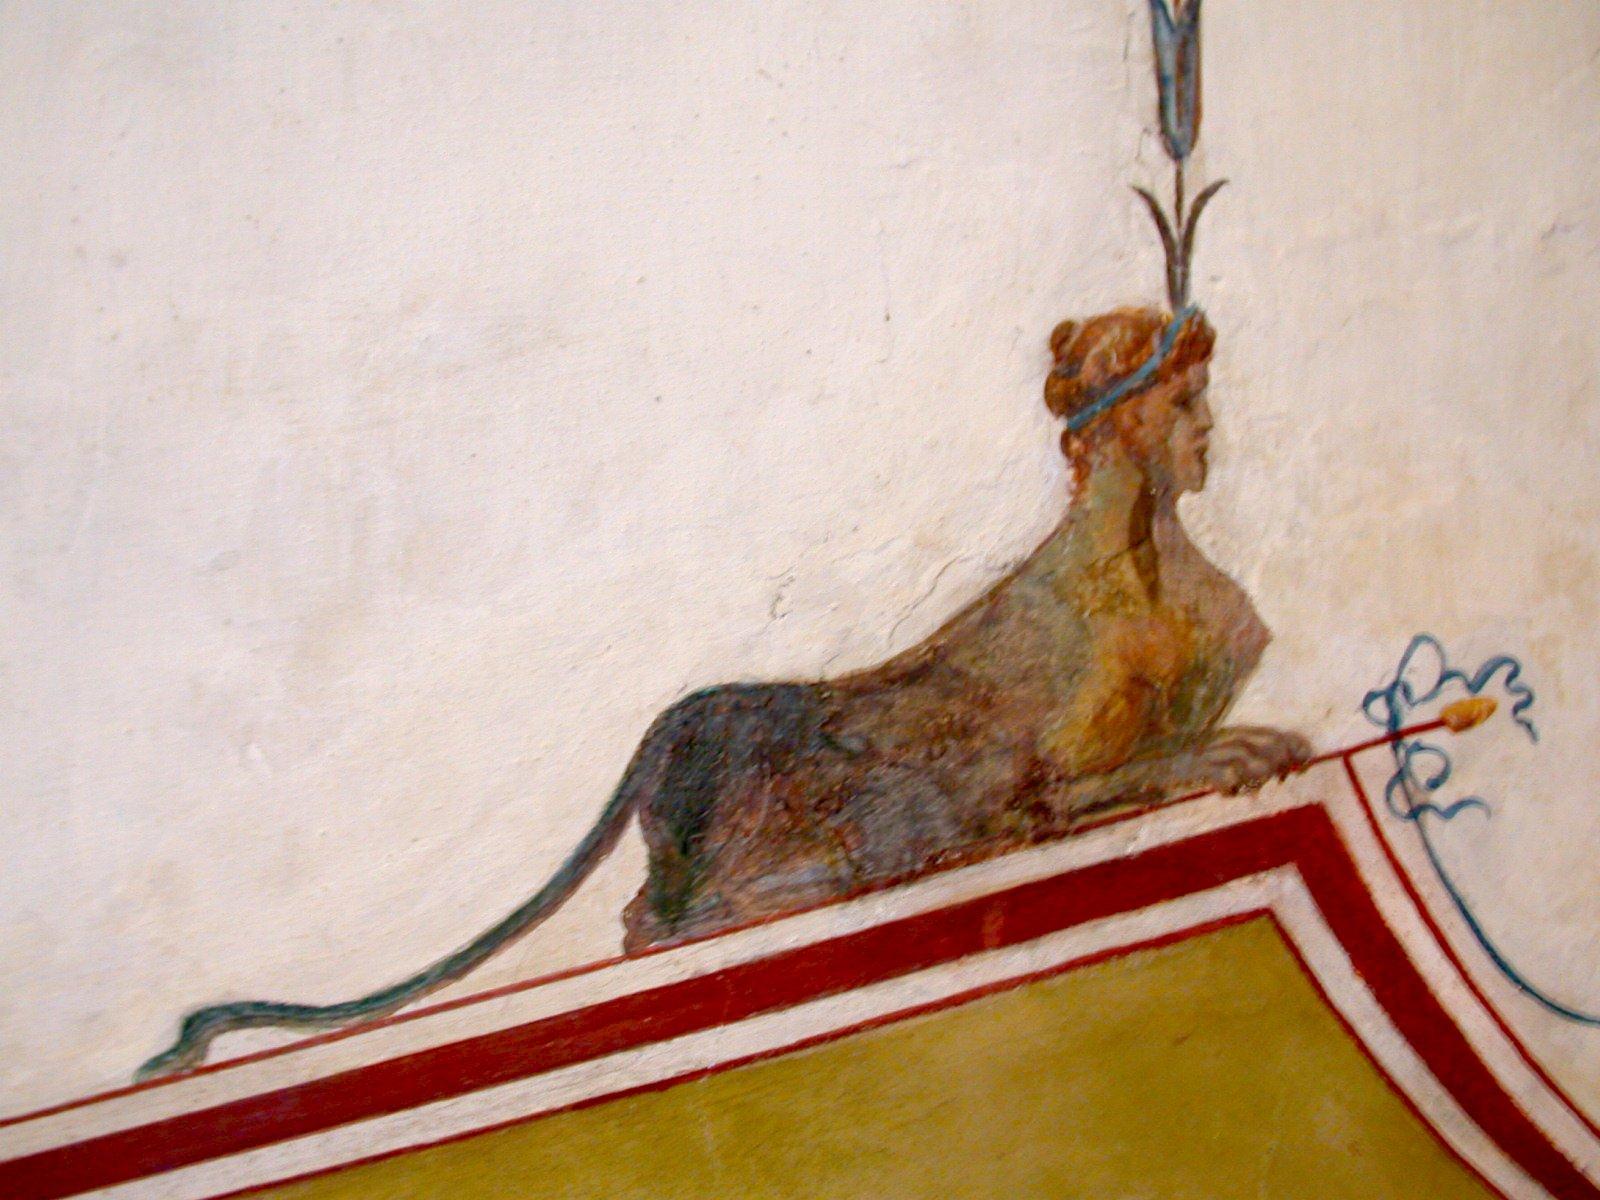 VaticanMuseums RaffaelSphinx.jpg